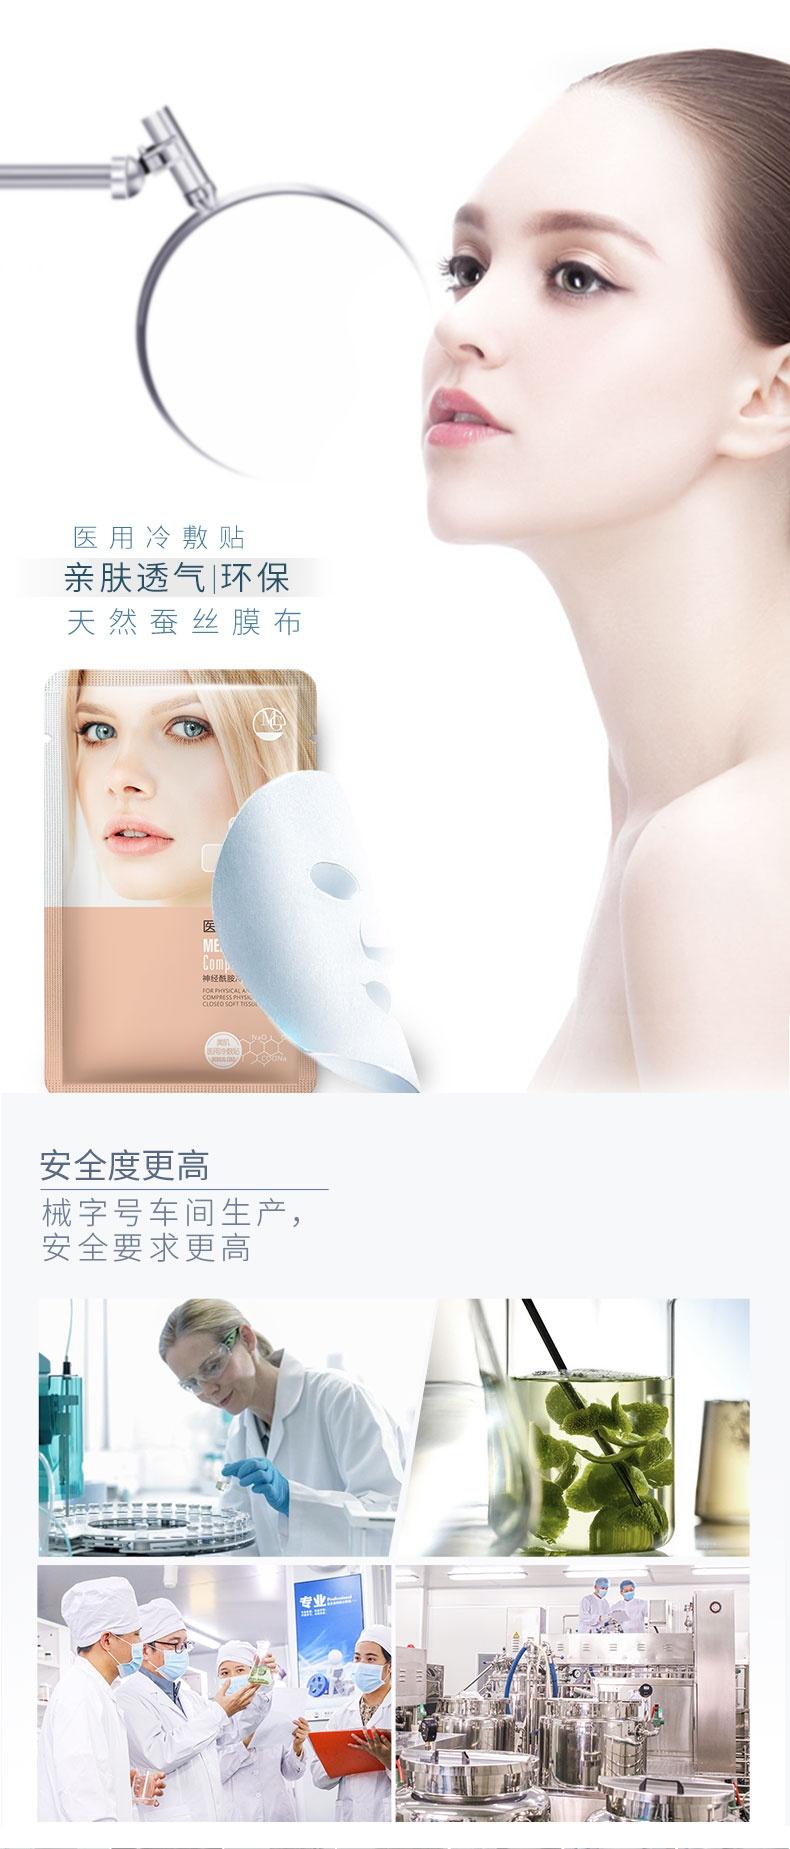 美肌优选医用面膜MG冷敷贴30ml*5片 清凉舒适 缓解不适